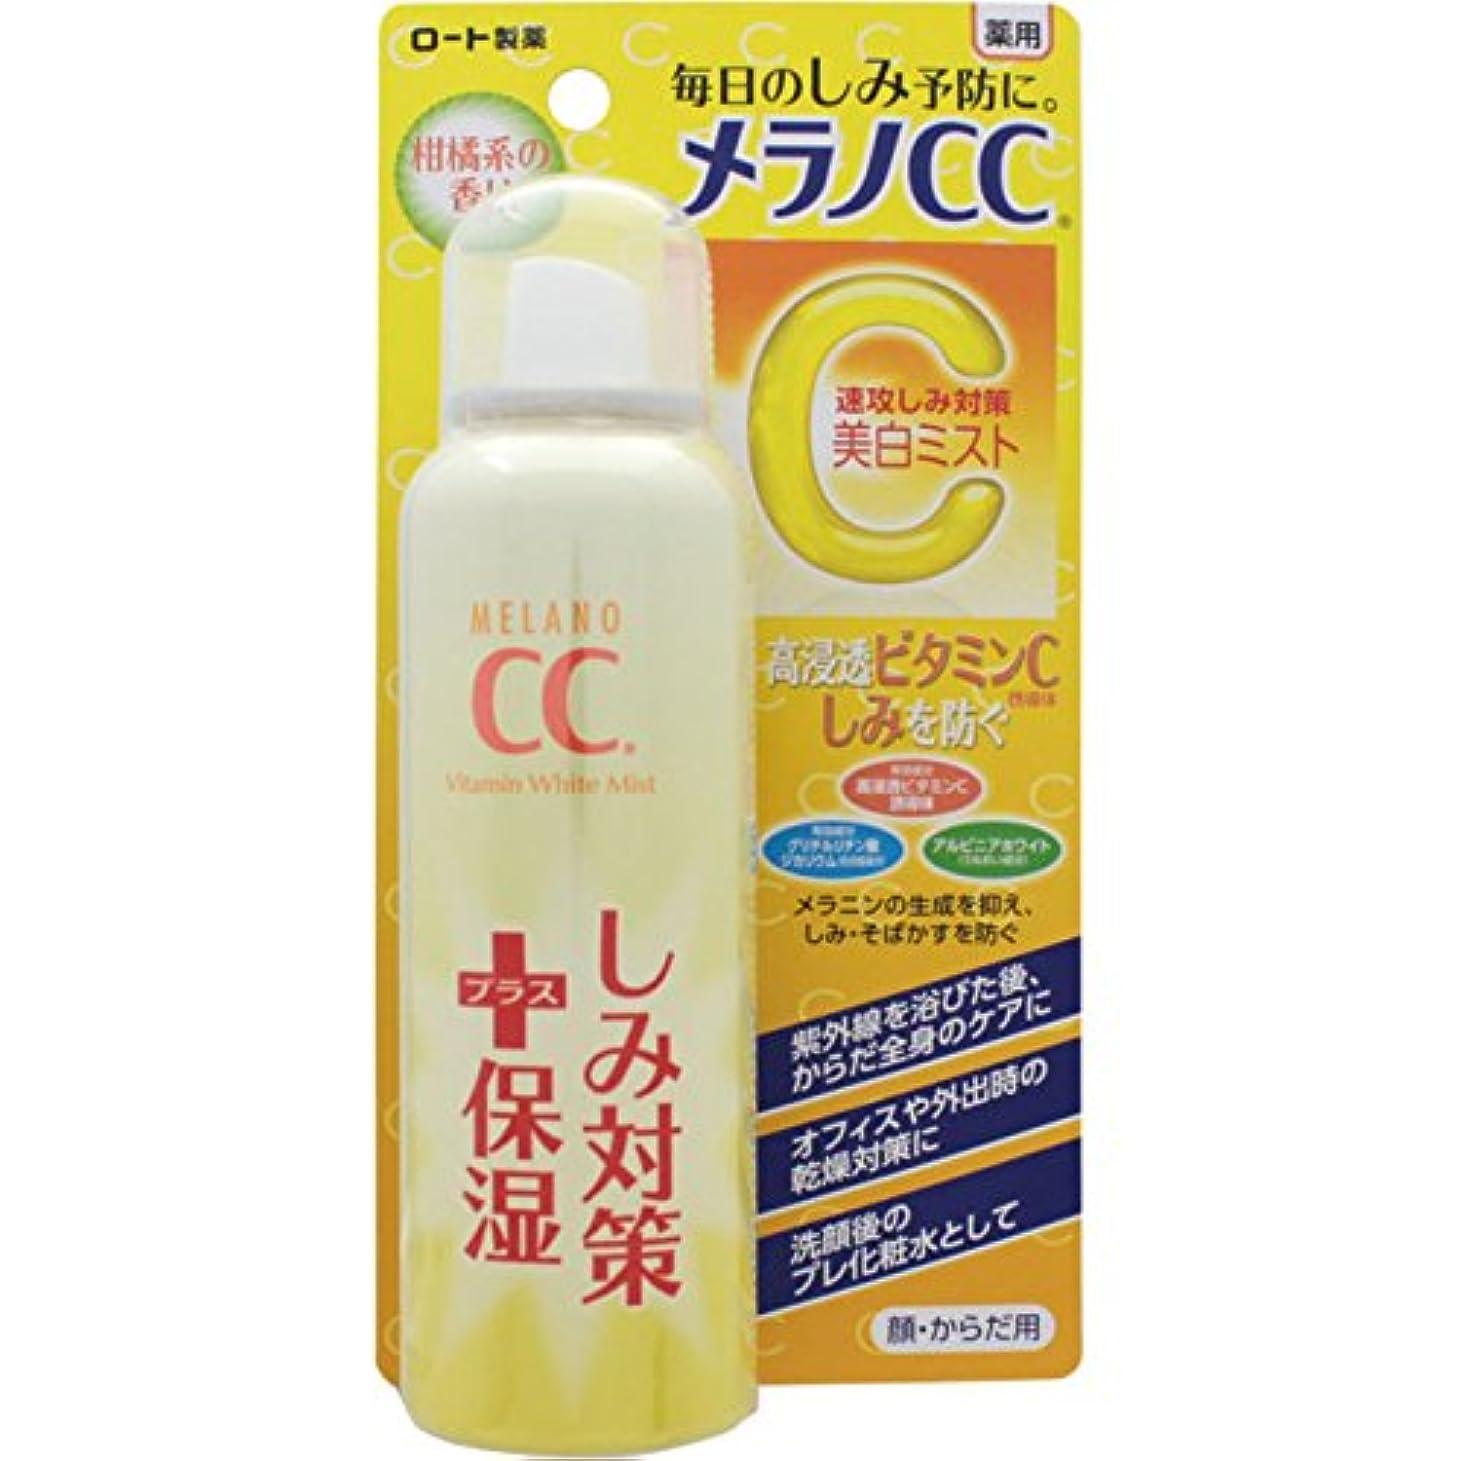 通行人煩わしいを必要としています【医薬部外品】メラノCC 薬用しみ対策 美白ミスト化粧水 100g